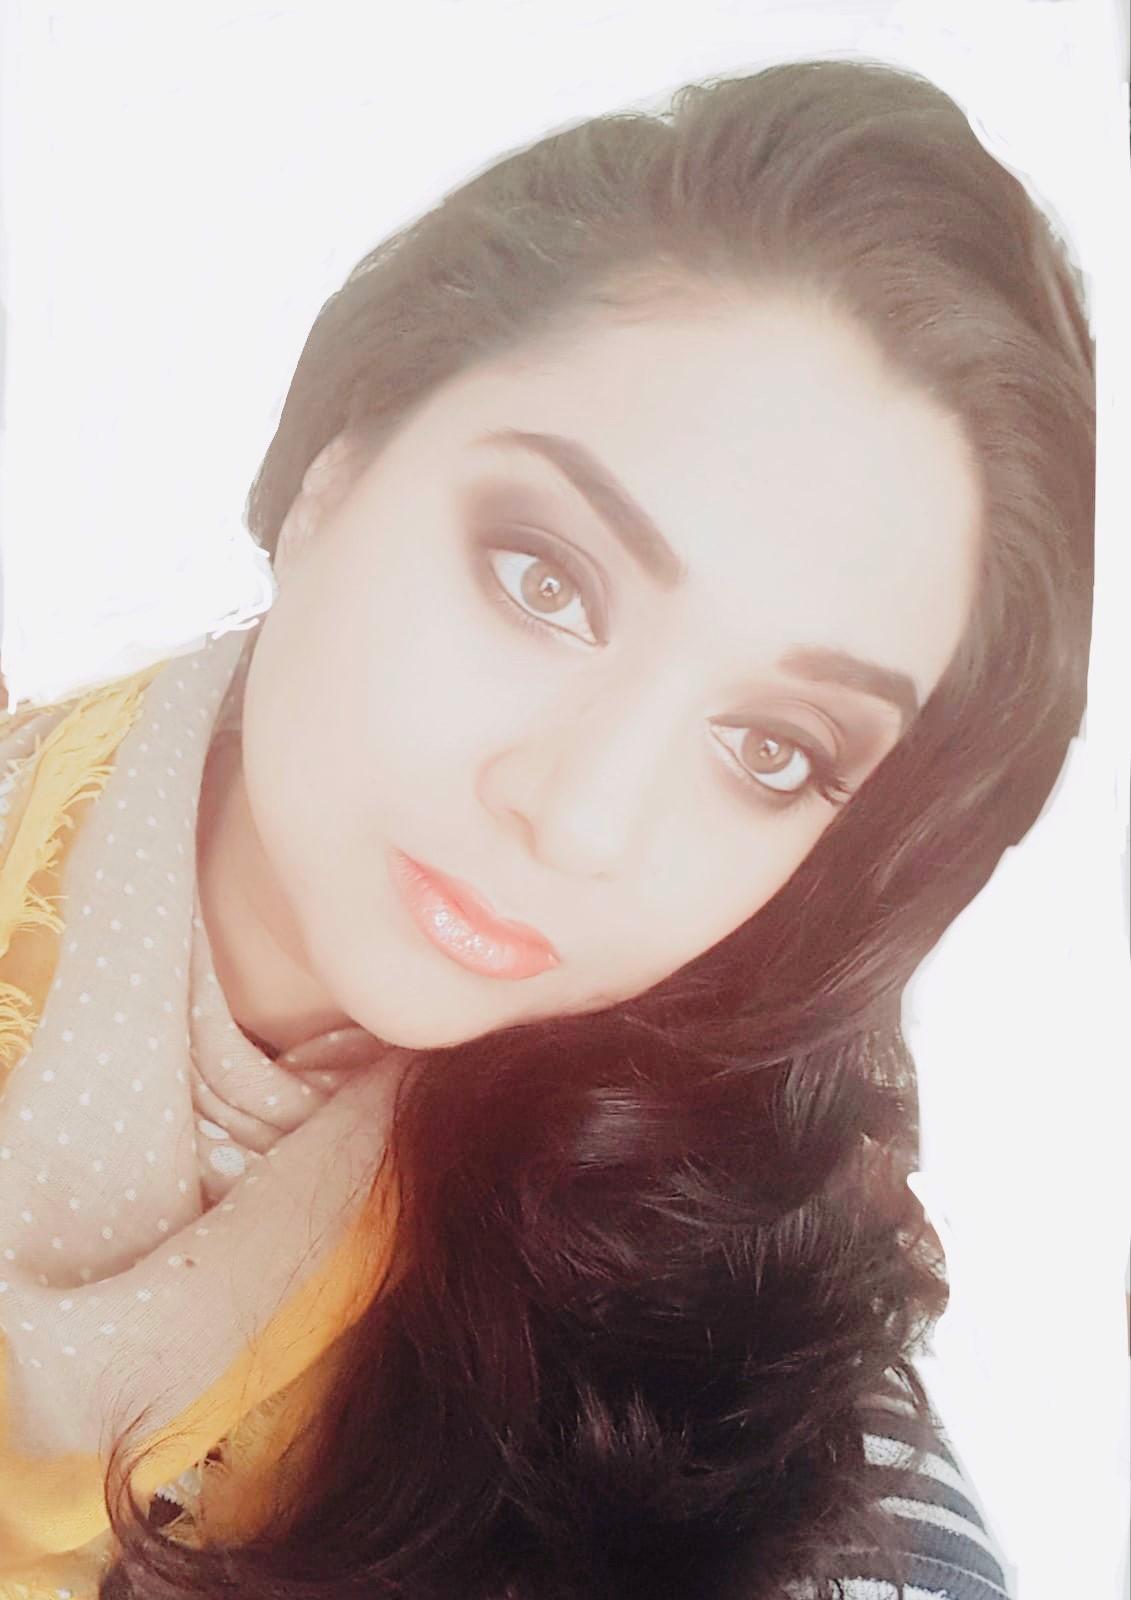 Nazeia Rani